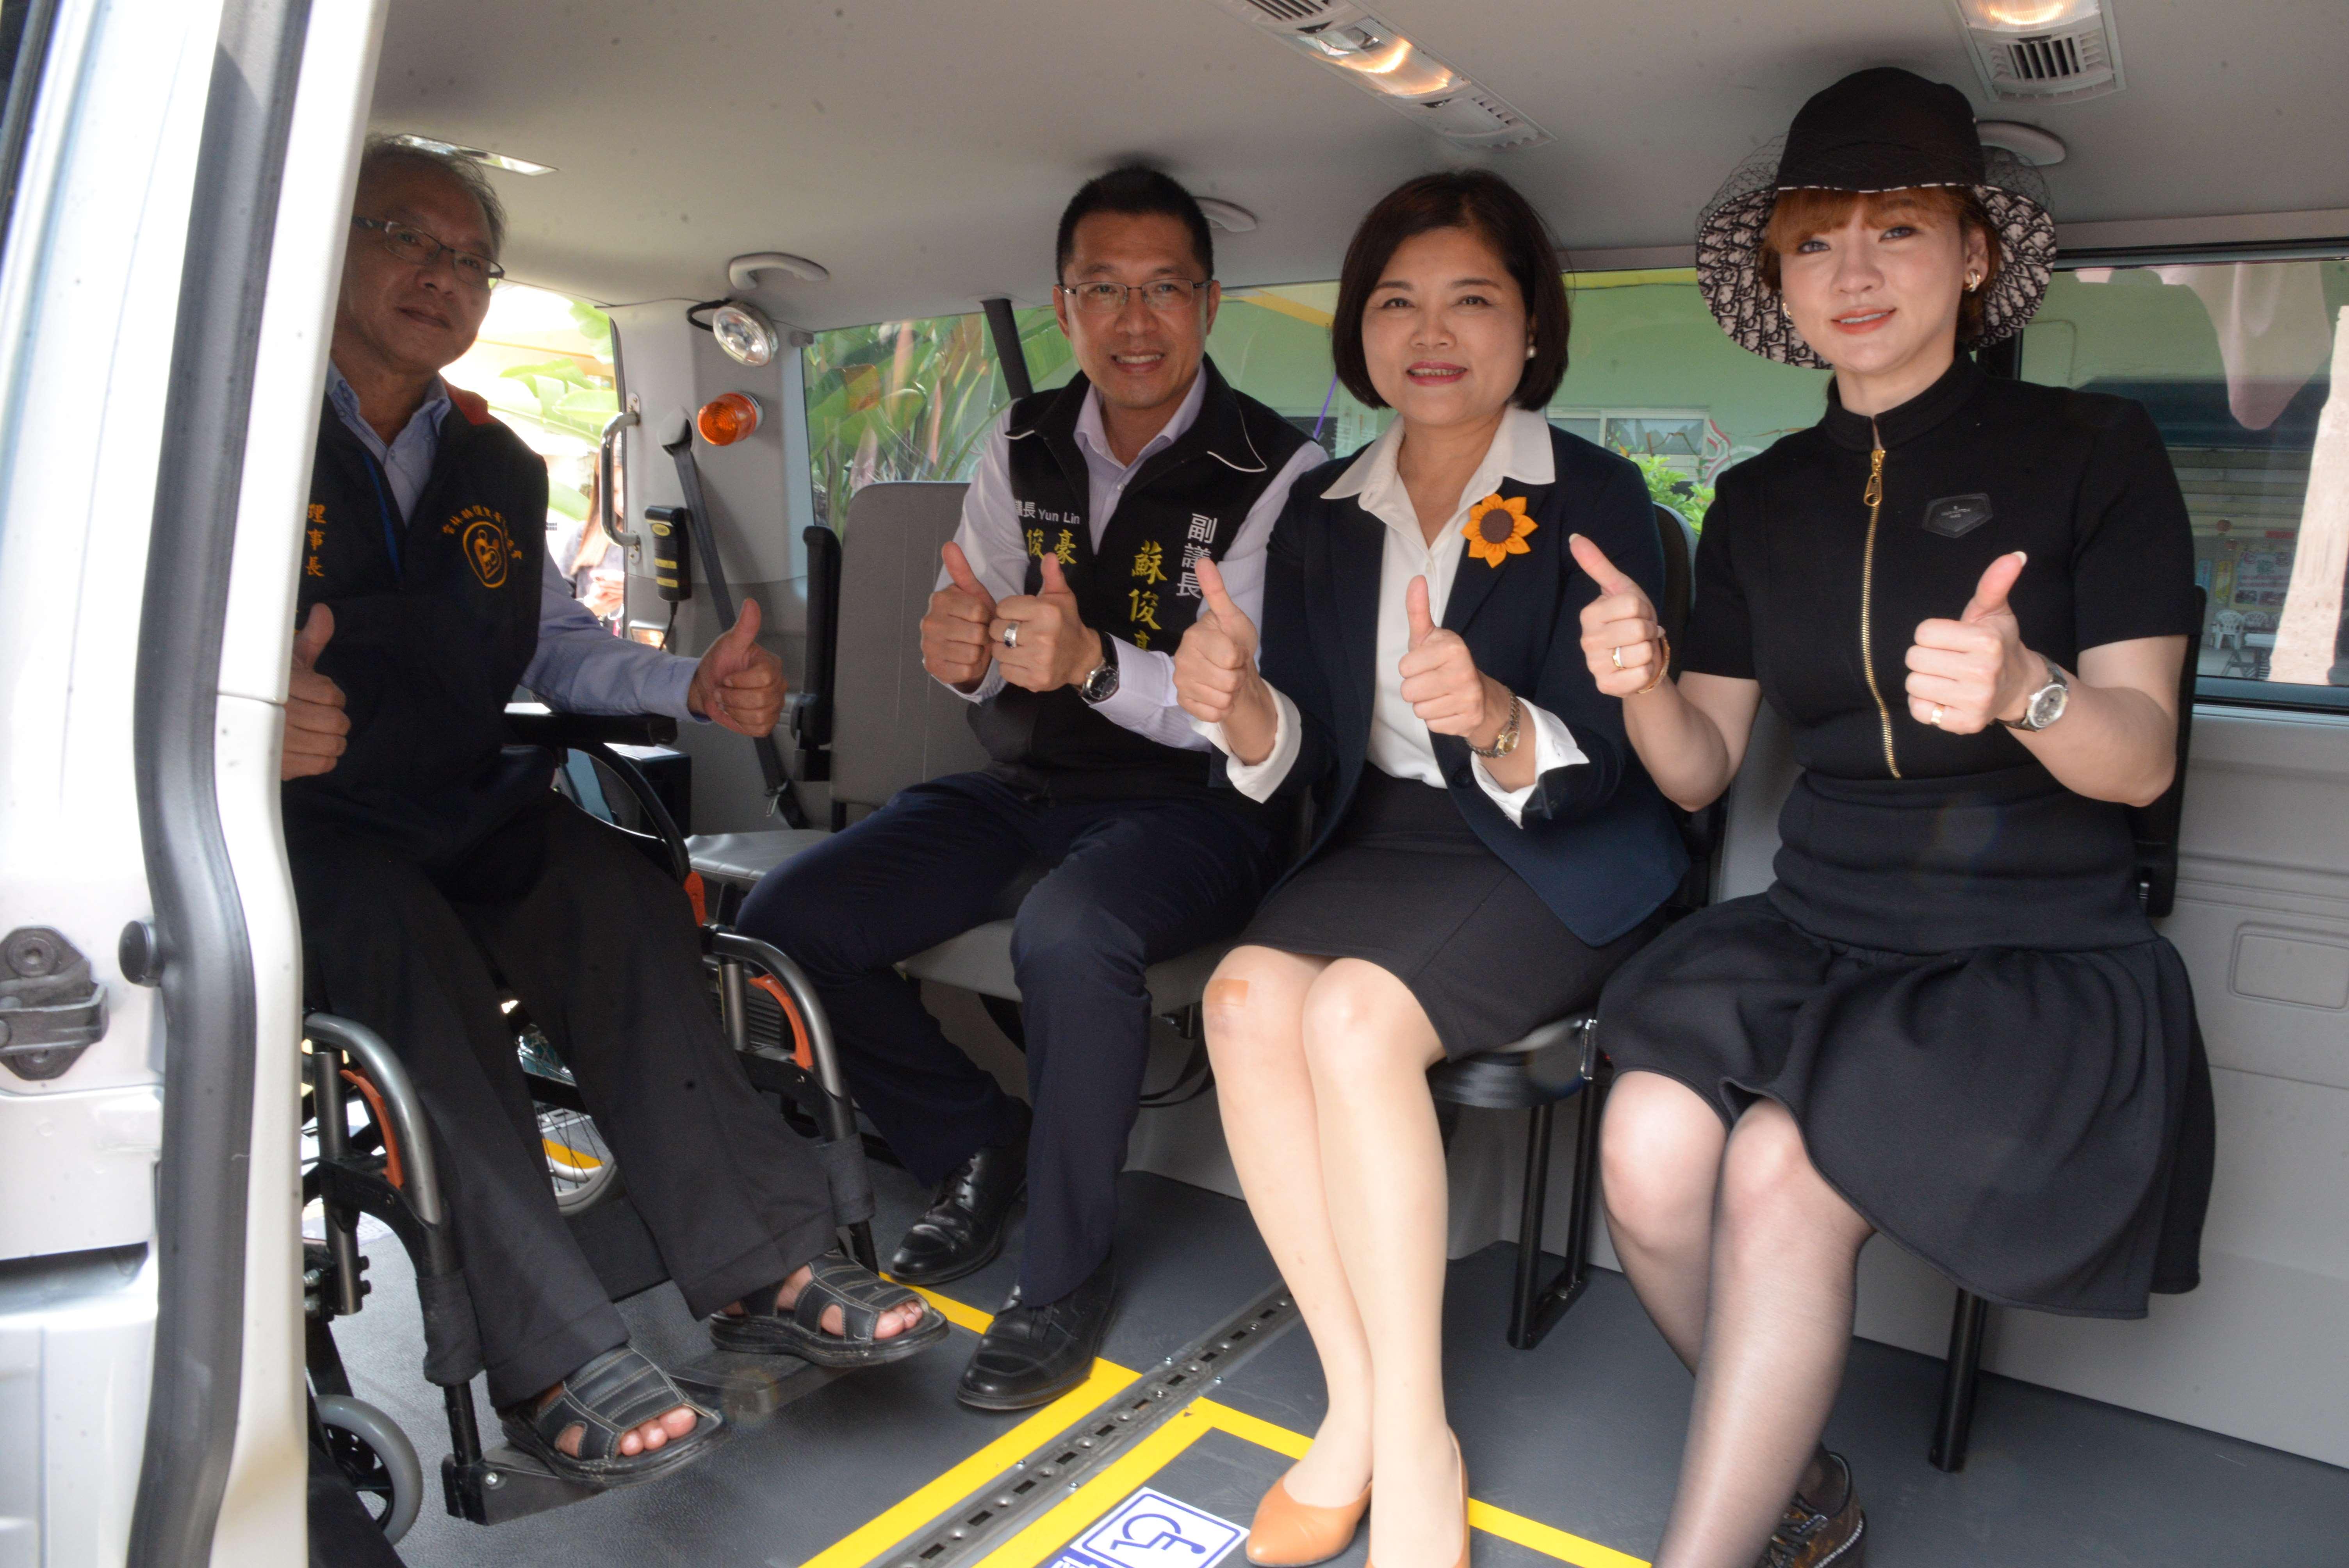 張縣長感謝副議長蘇俊豪居間牽線,更感謝山本富也公司慷慨捐助復康巴士,嘉惠雲林沿海的身障朋友。